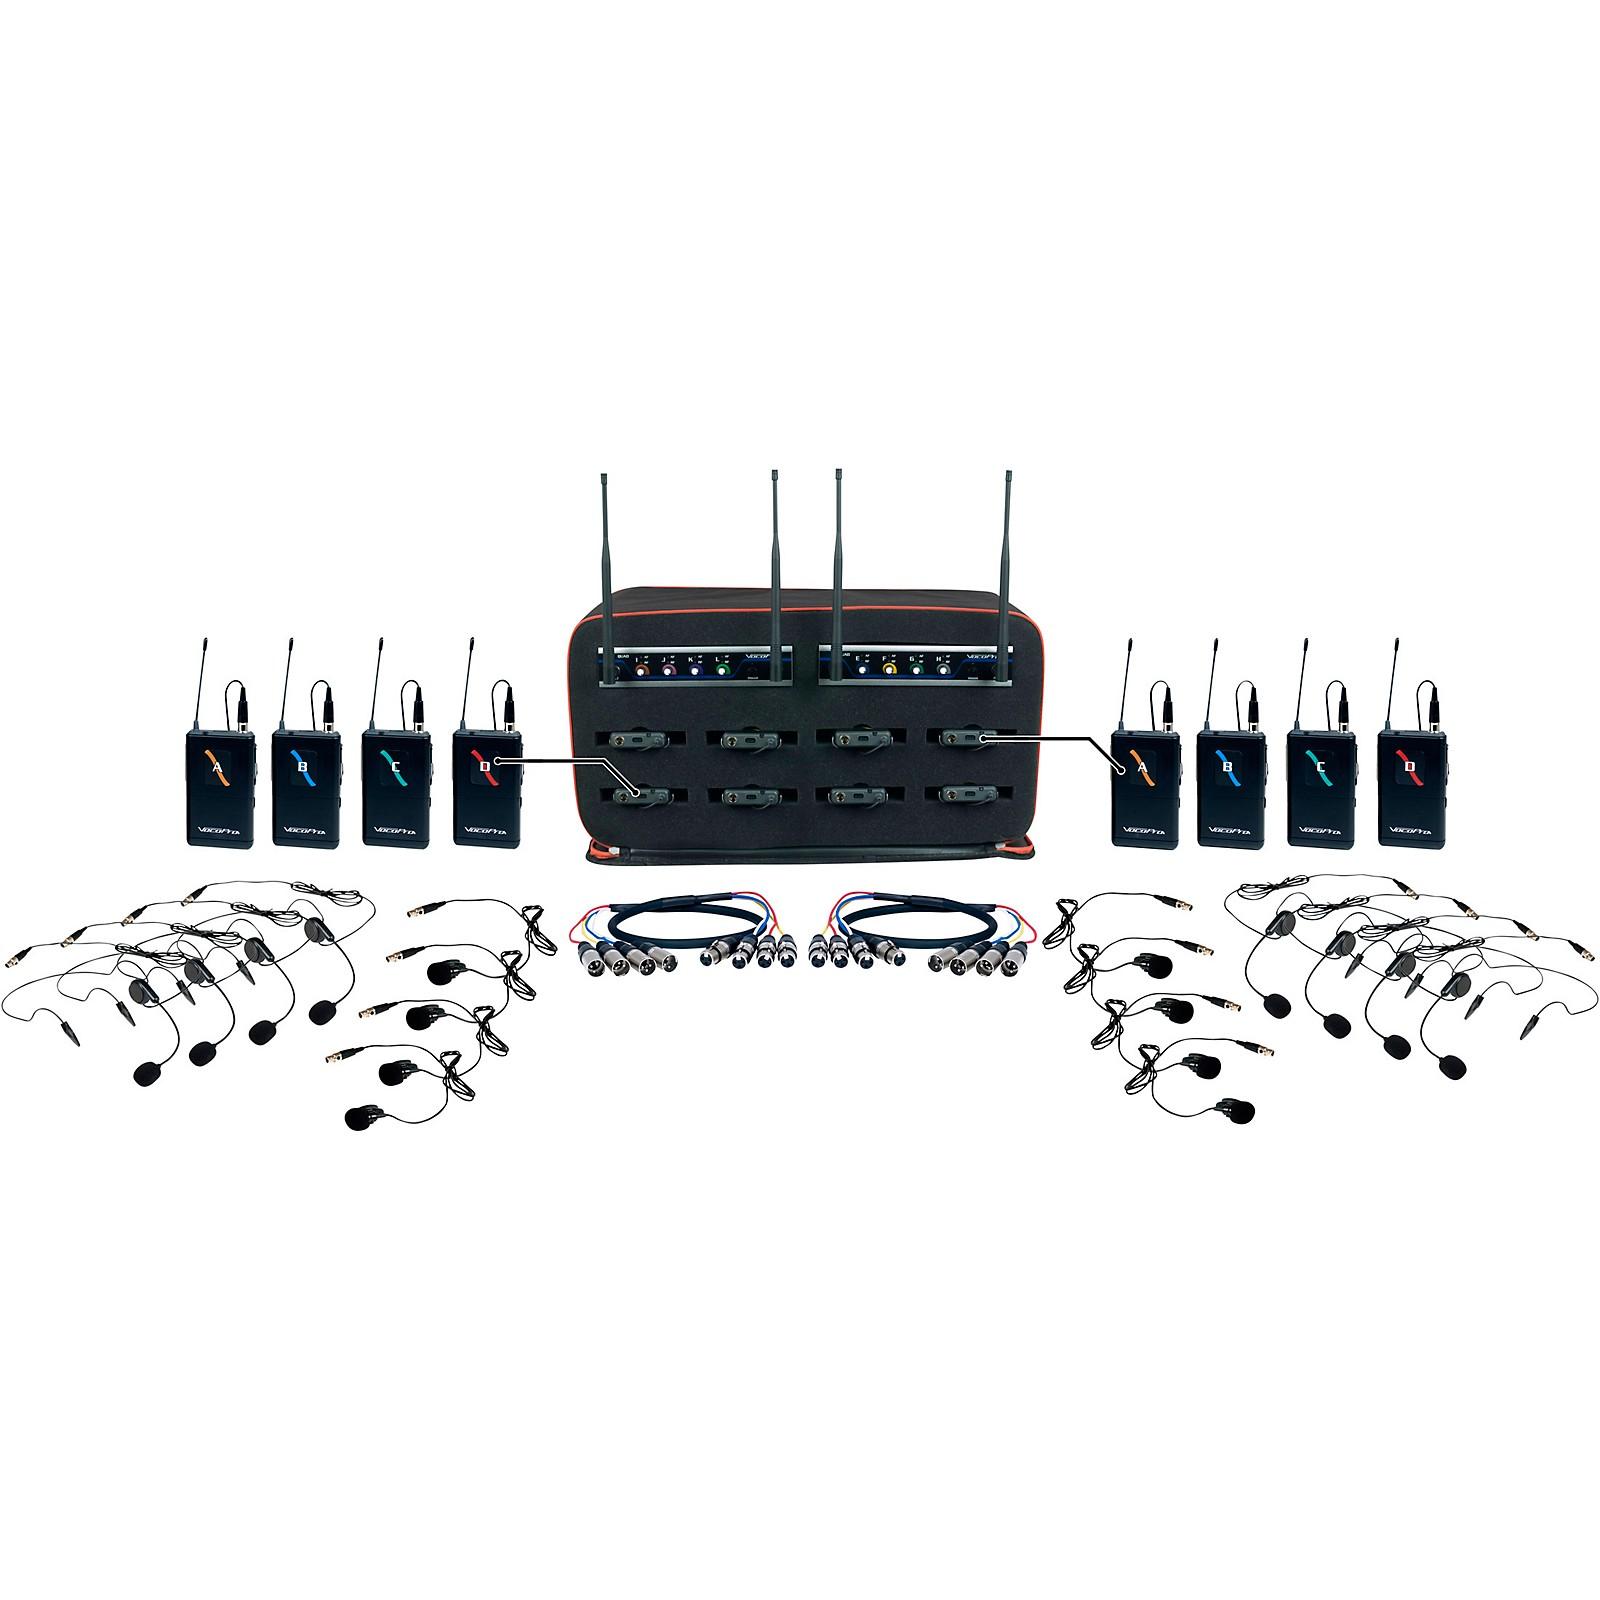 Open Box VocoPro 8 Channel Wireless Headset/Lapel Mic-In-Bag Package